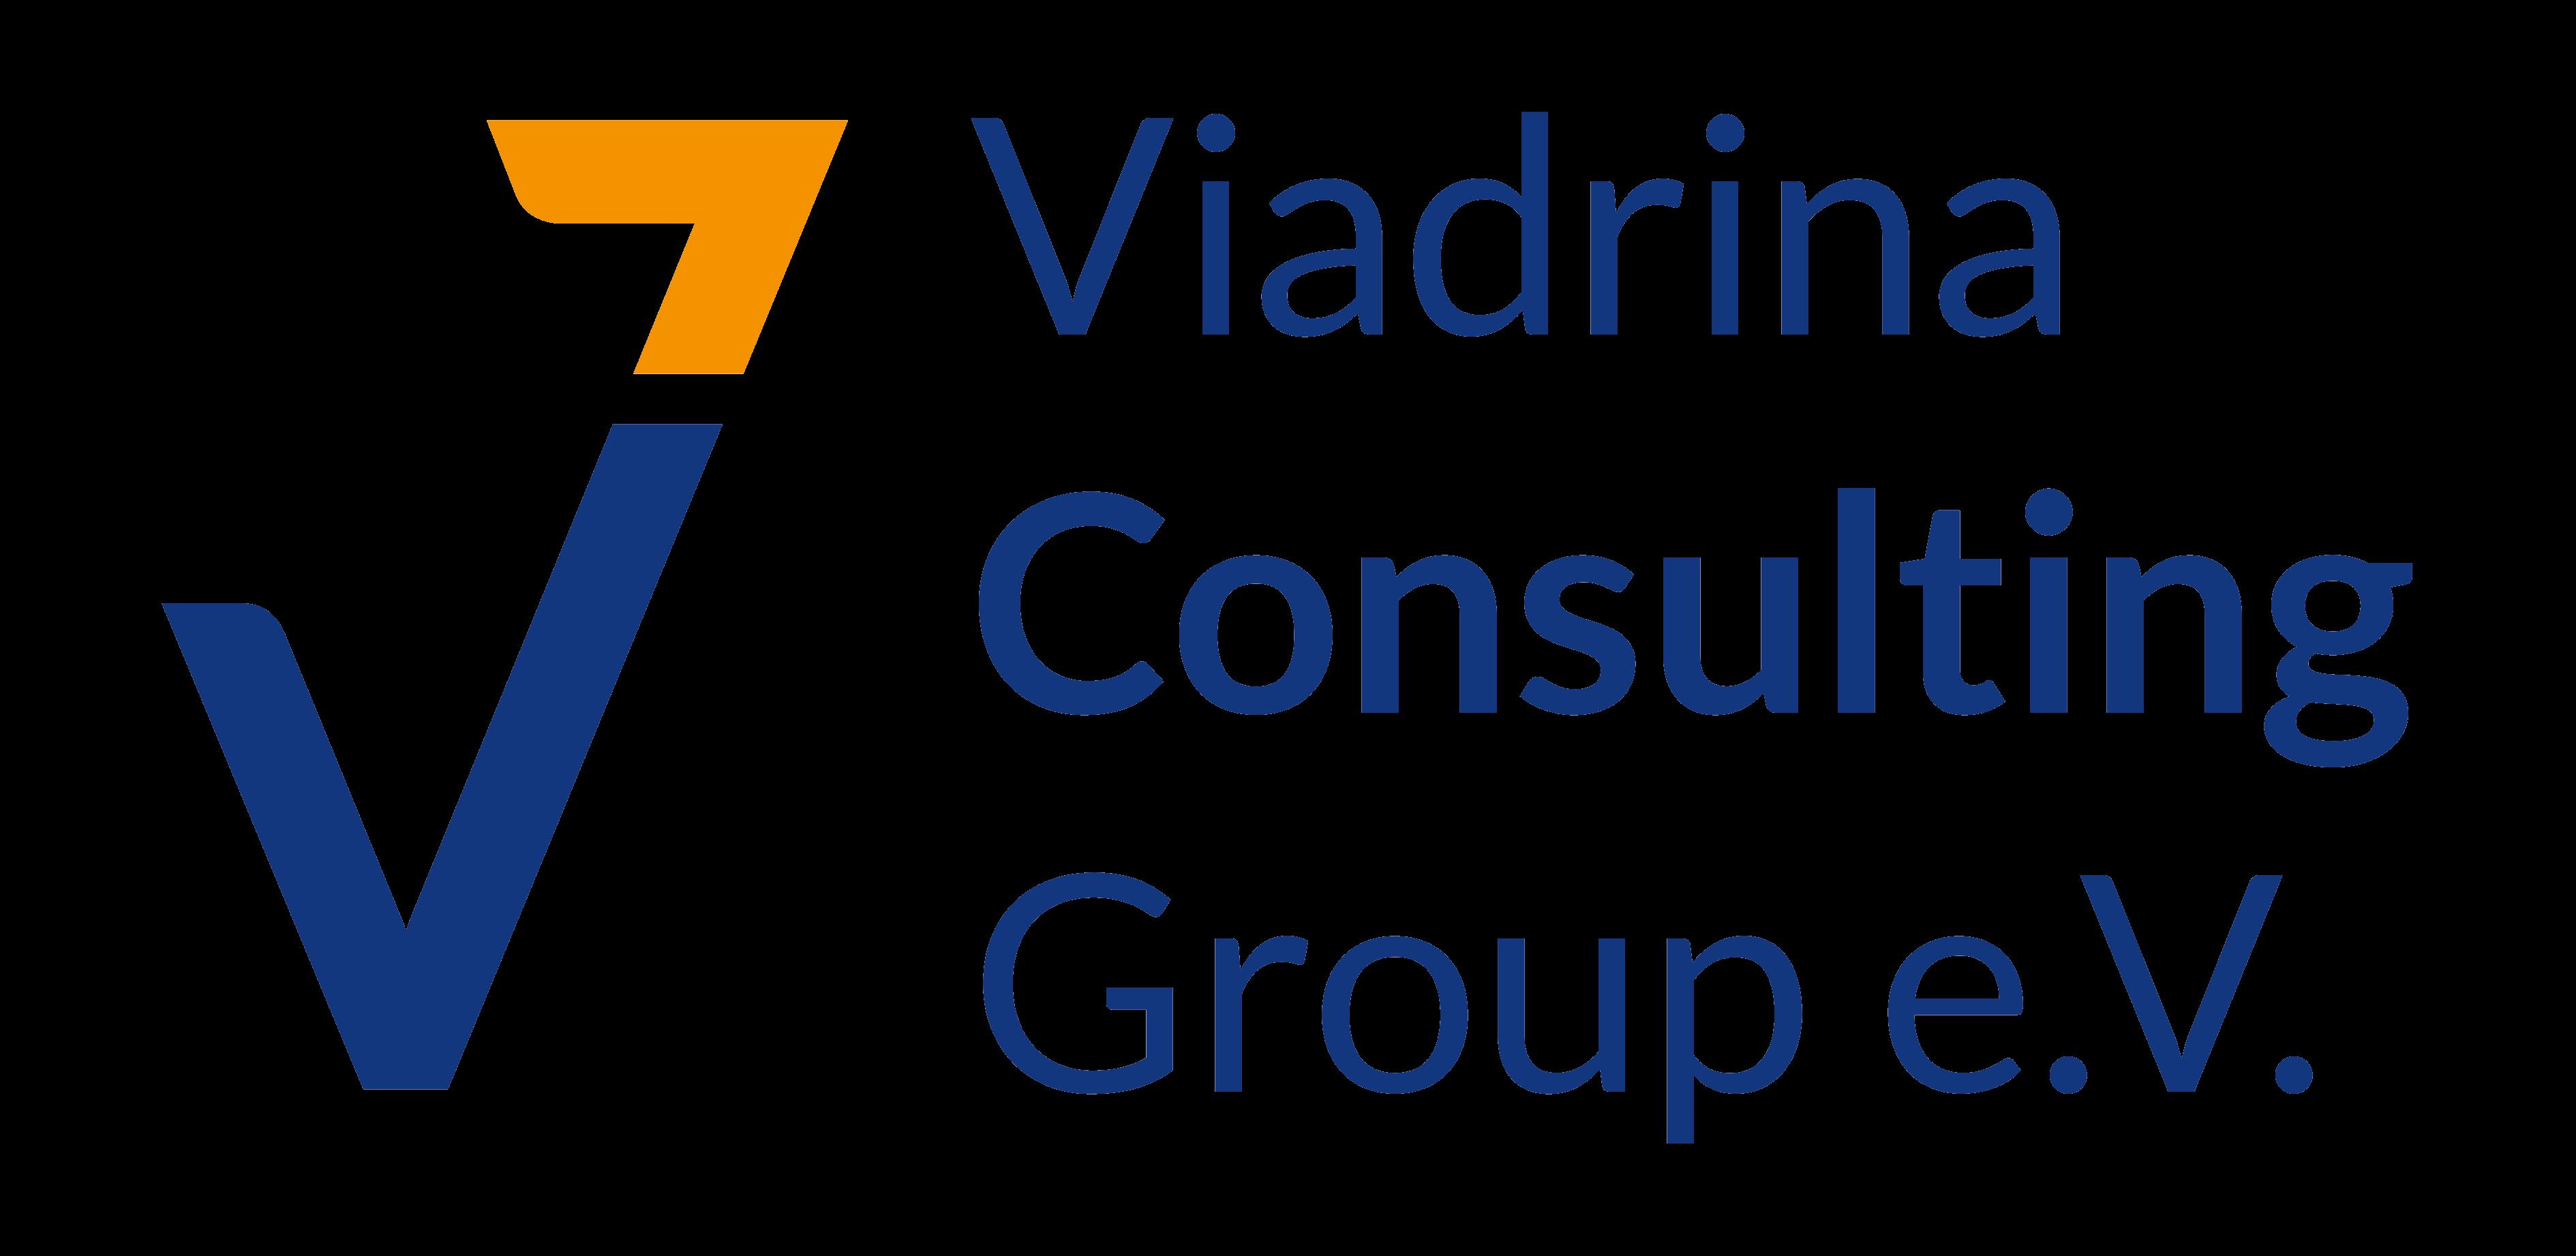 Viadrina Consulting Group e.V.